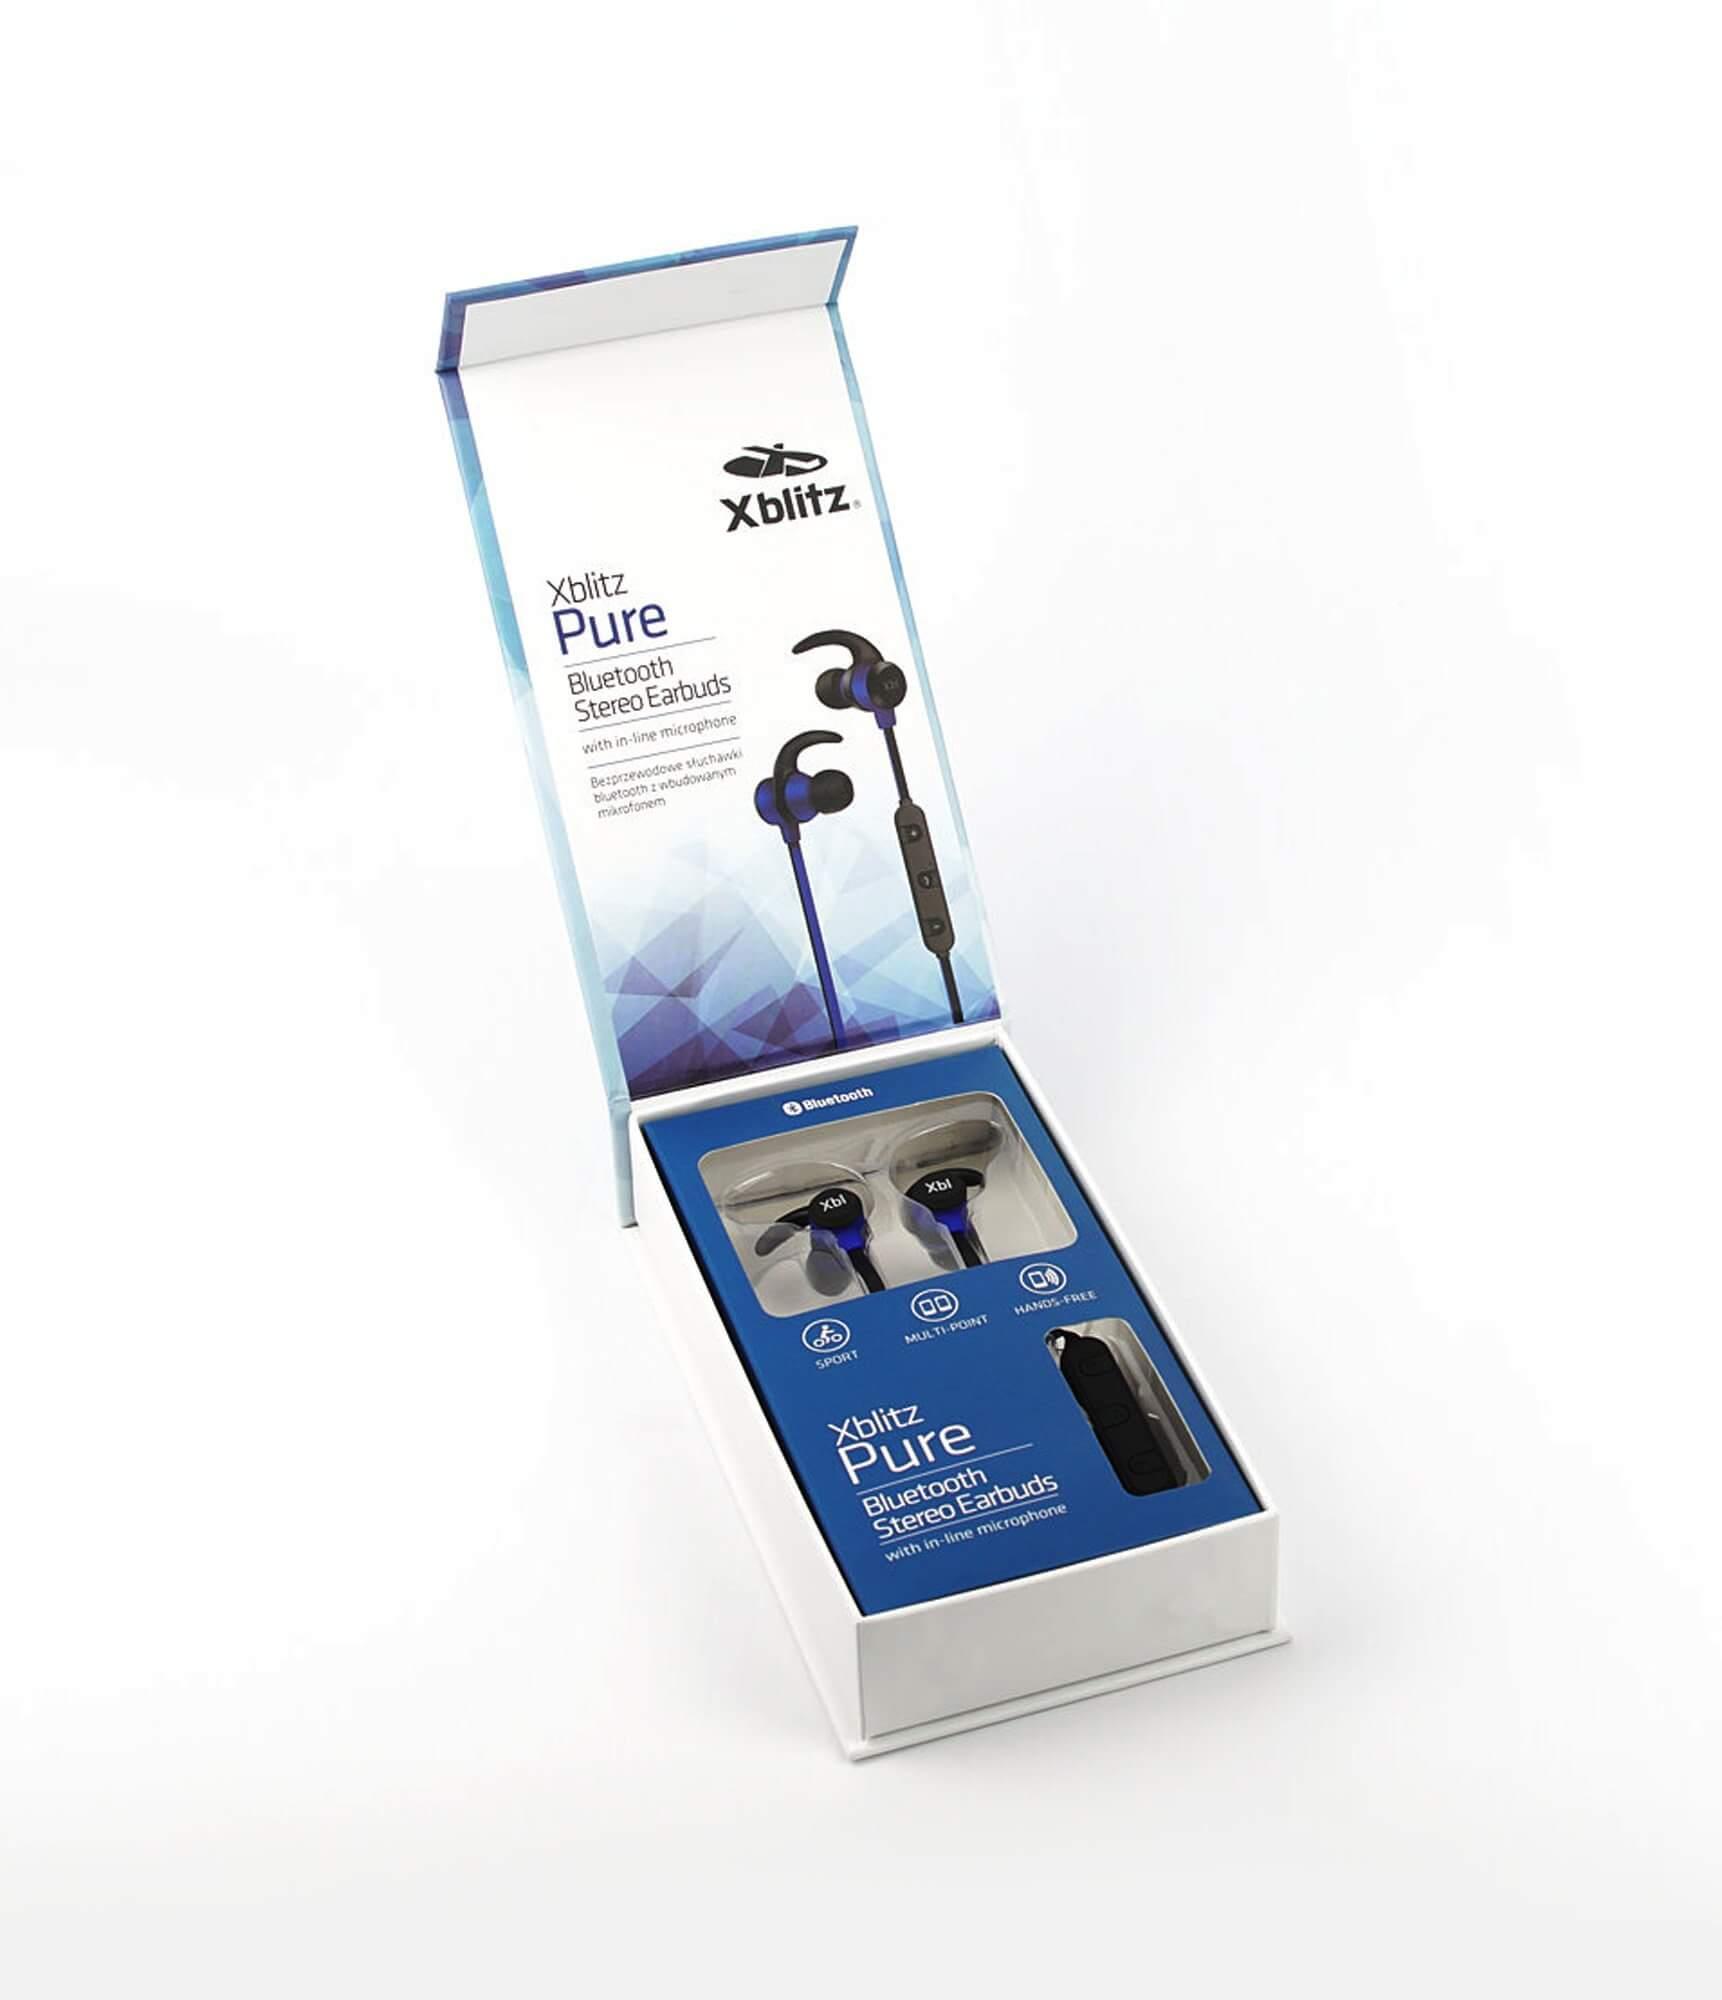 Słuchawki bezprzewodowe Xblitz Pure